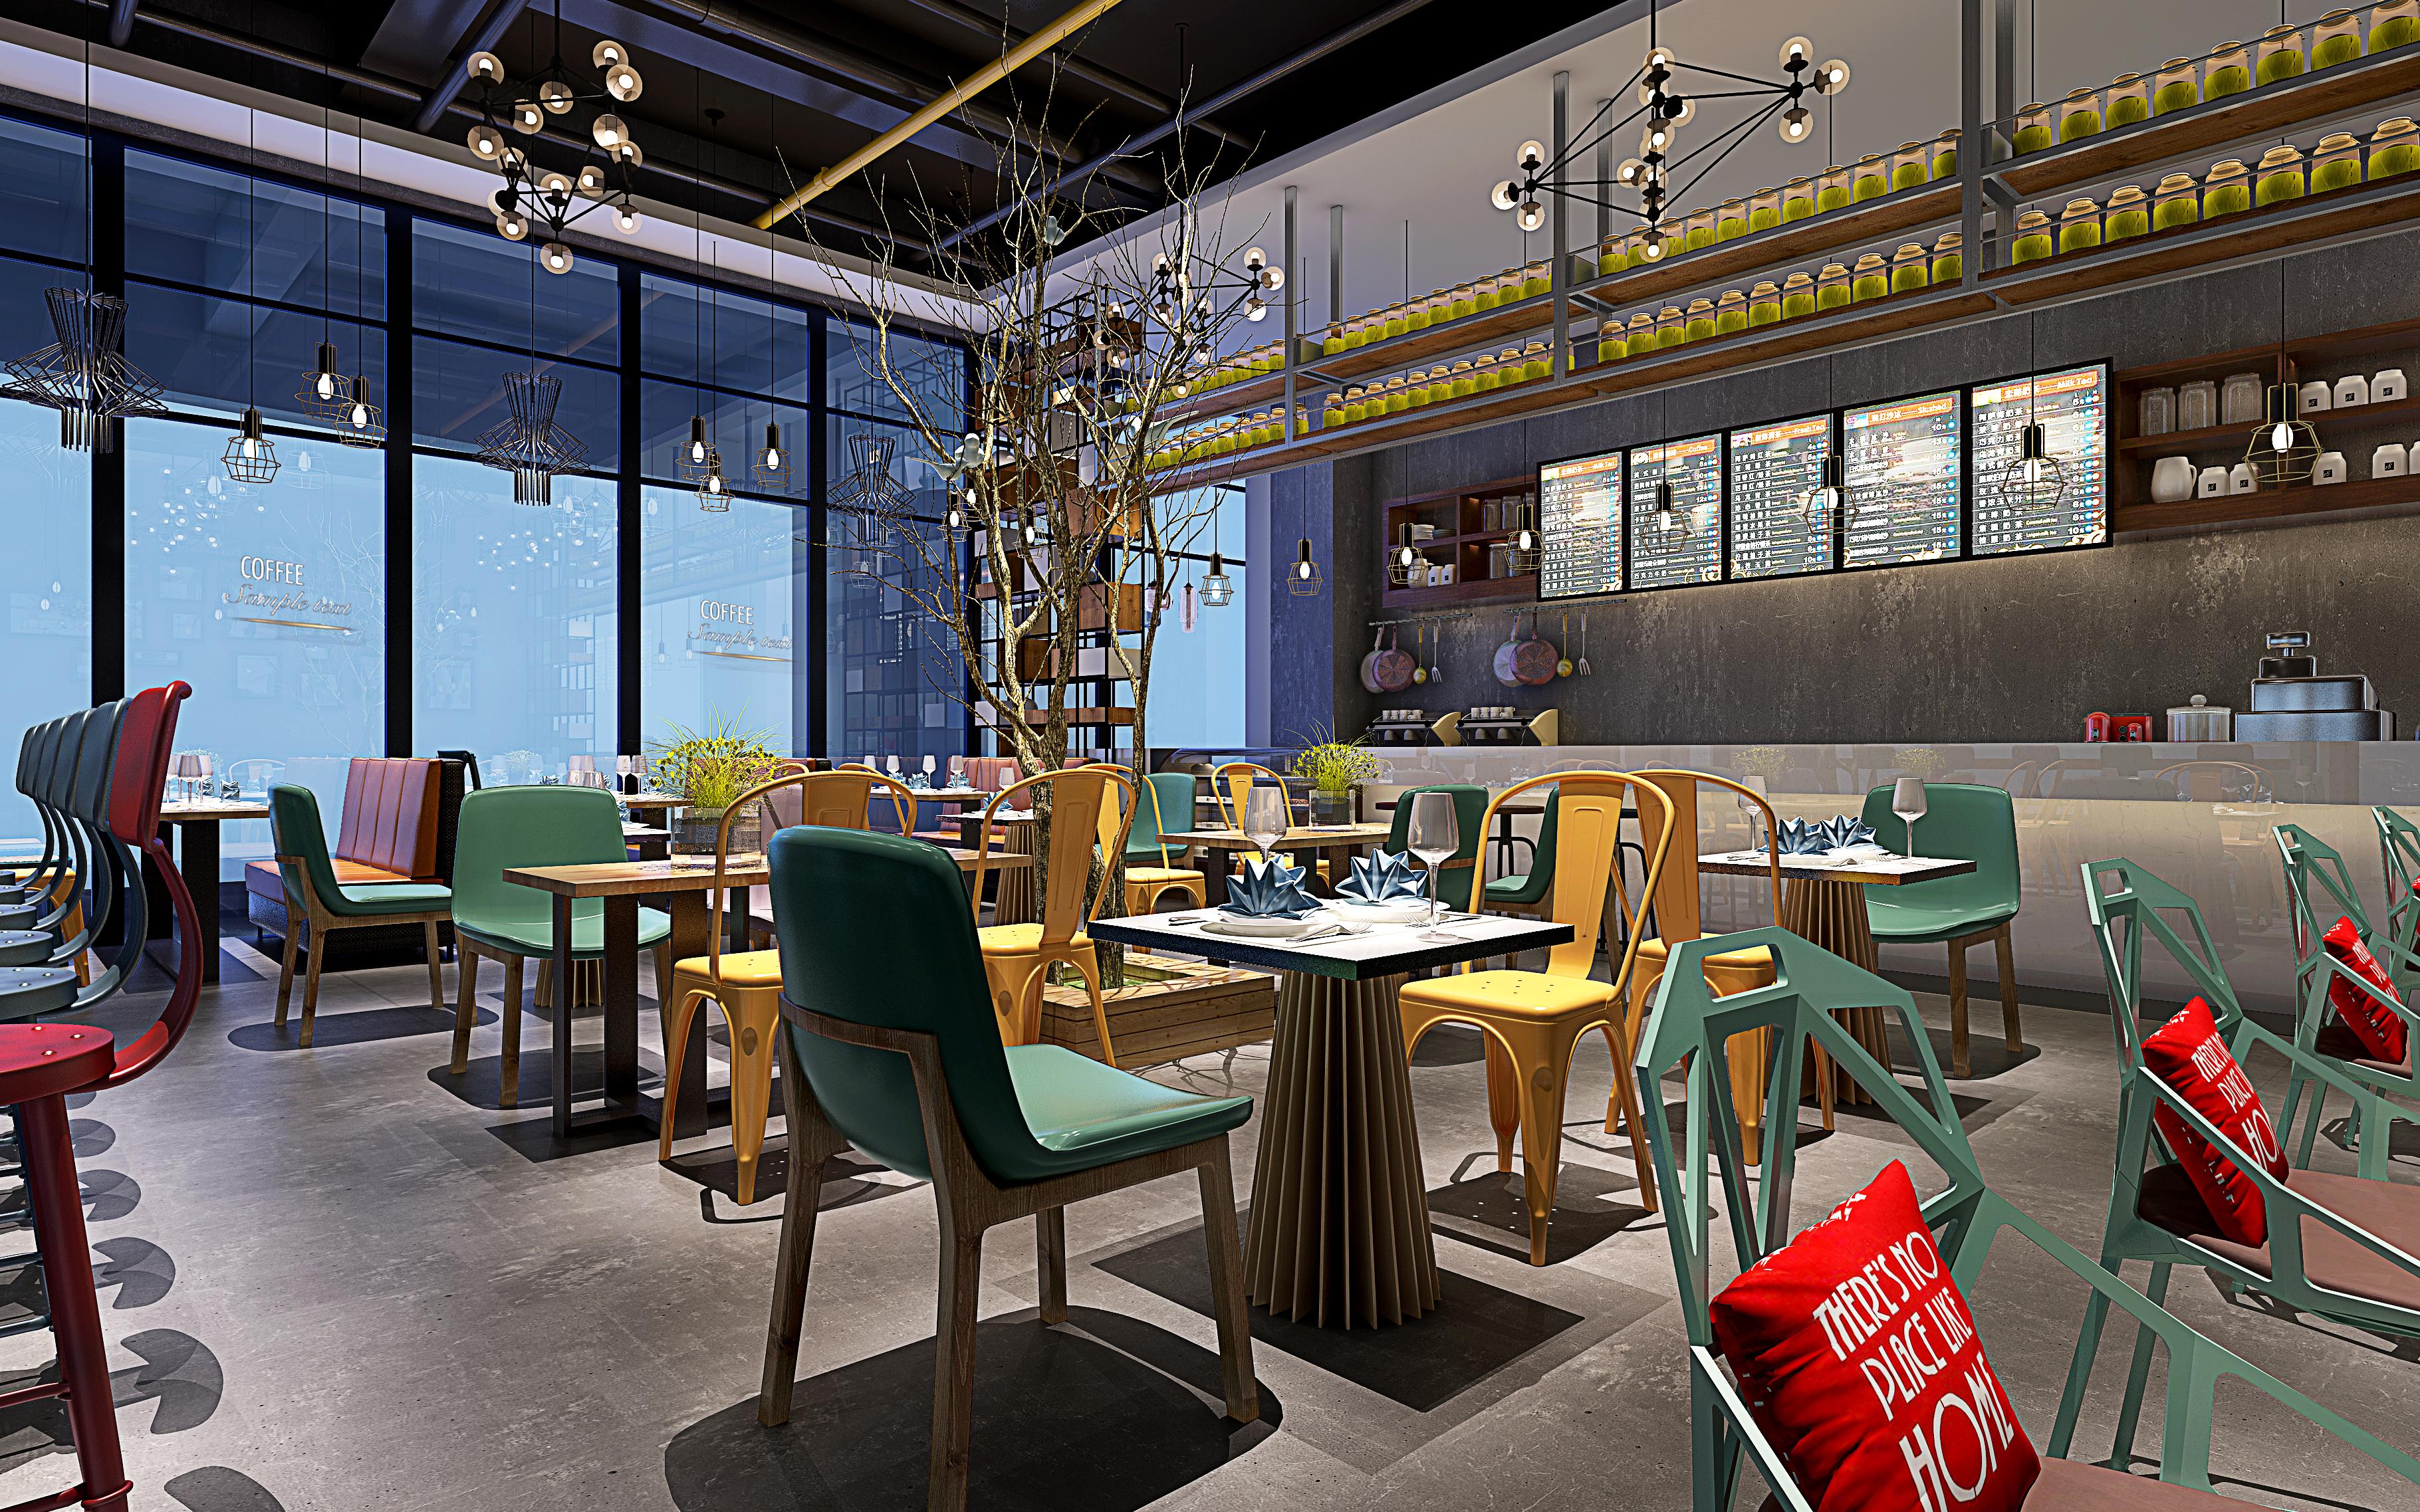 室内装修设计效果图餐饮小吃门头设计主题休闲餐厅火锅店料理饭店